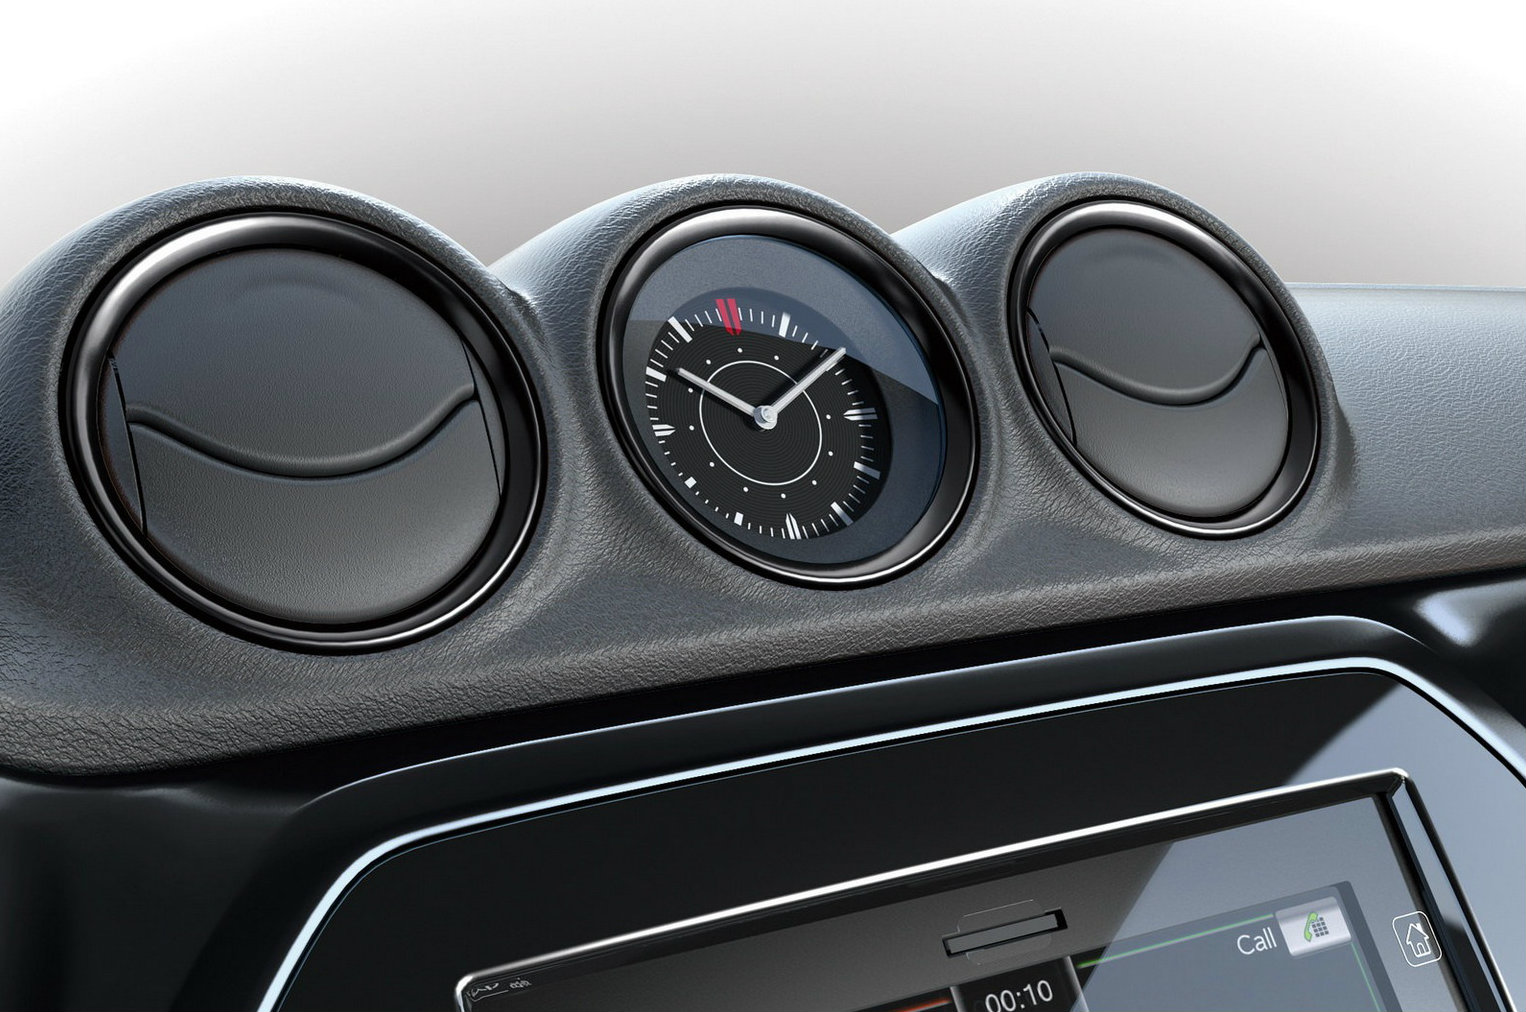 2015 Suzuki Vitara Web Black Edition Arriving in Europe Next Year in